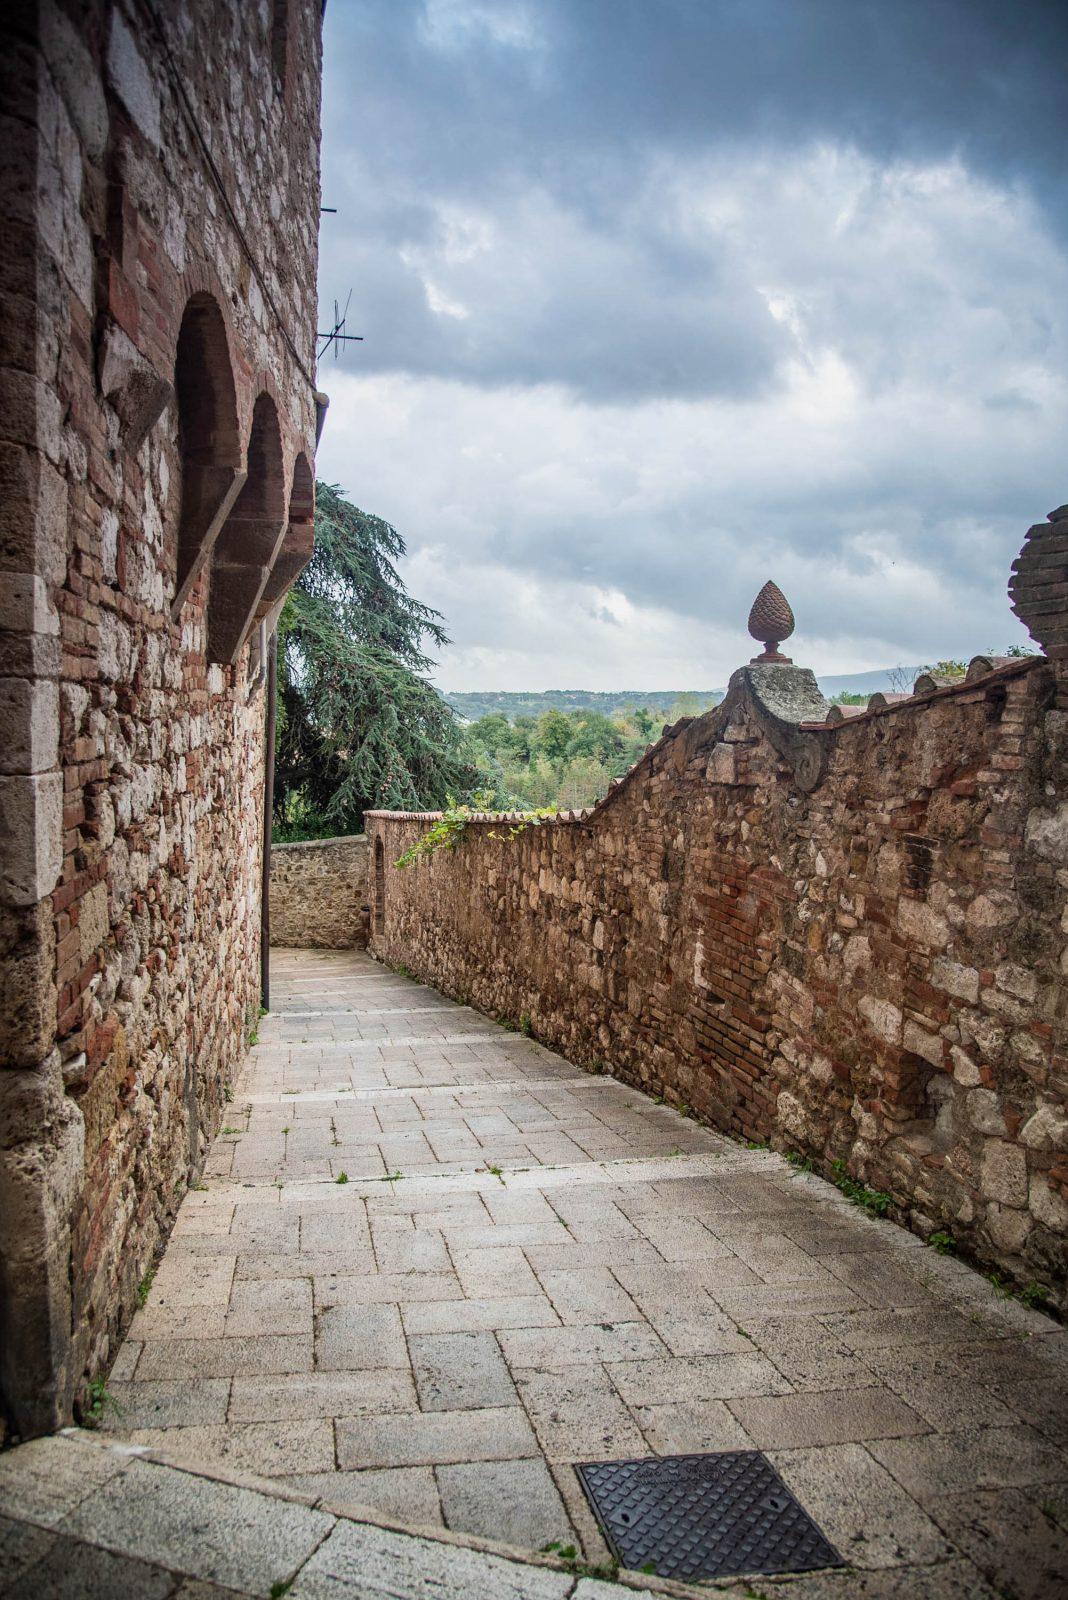 Colle Val d'elsa - Istanti in viaggio - dintorni di siena - siena e dintorni - Istanti in viaggio - siena - cosa vedere a colle val d'elsa